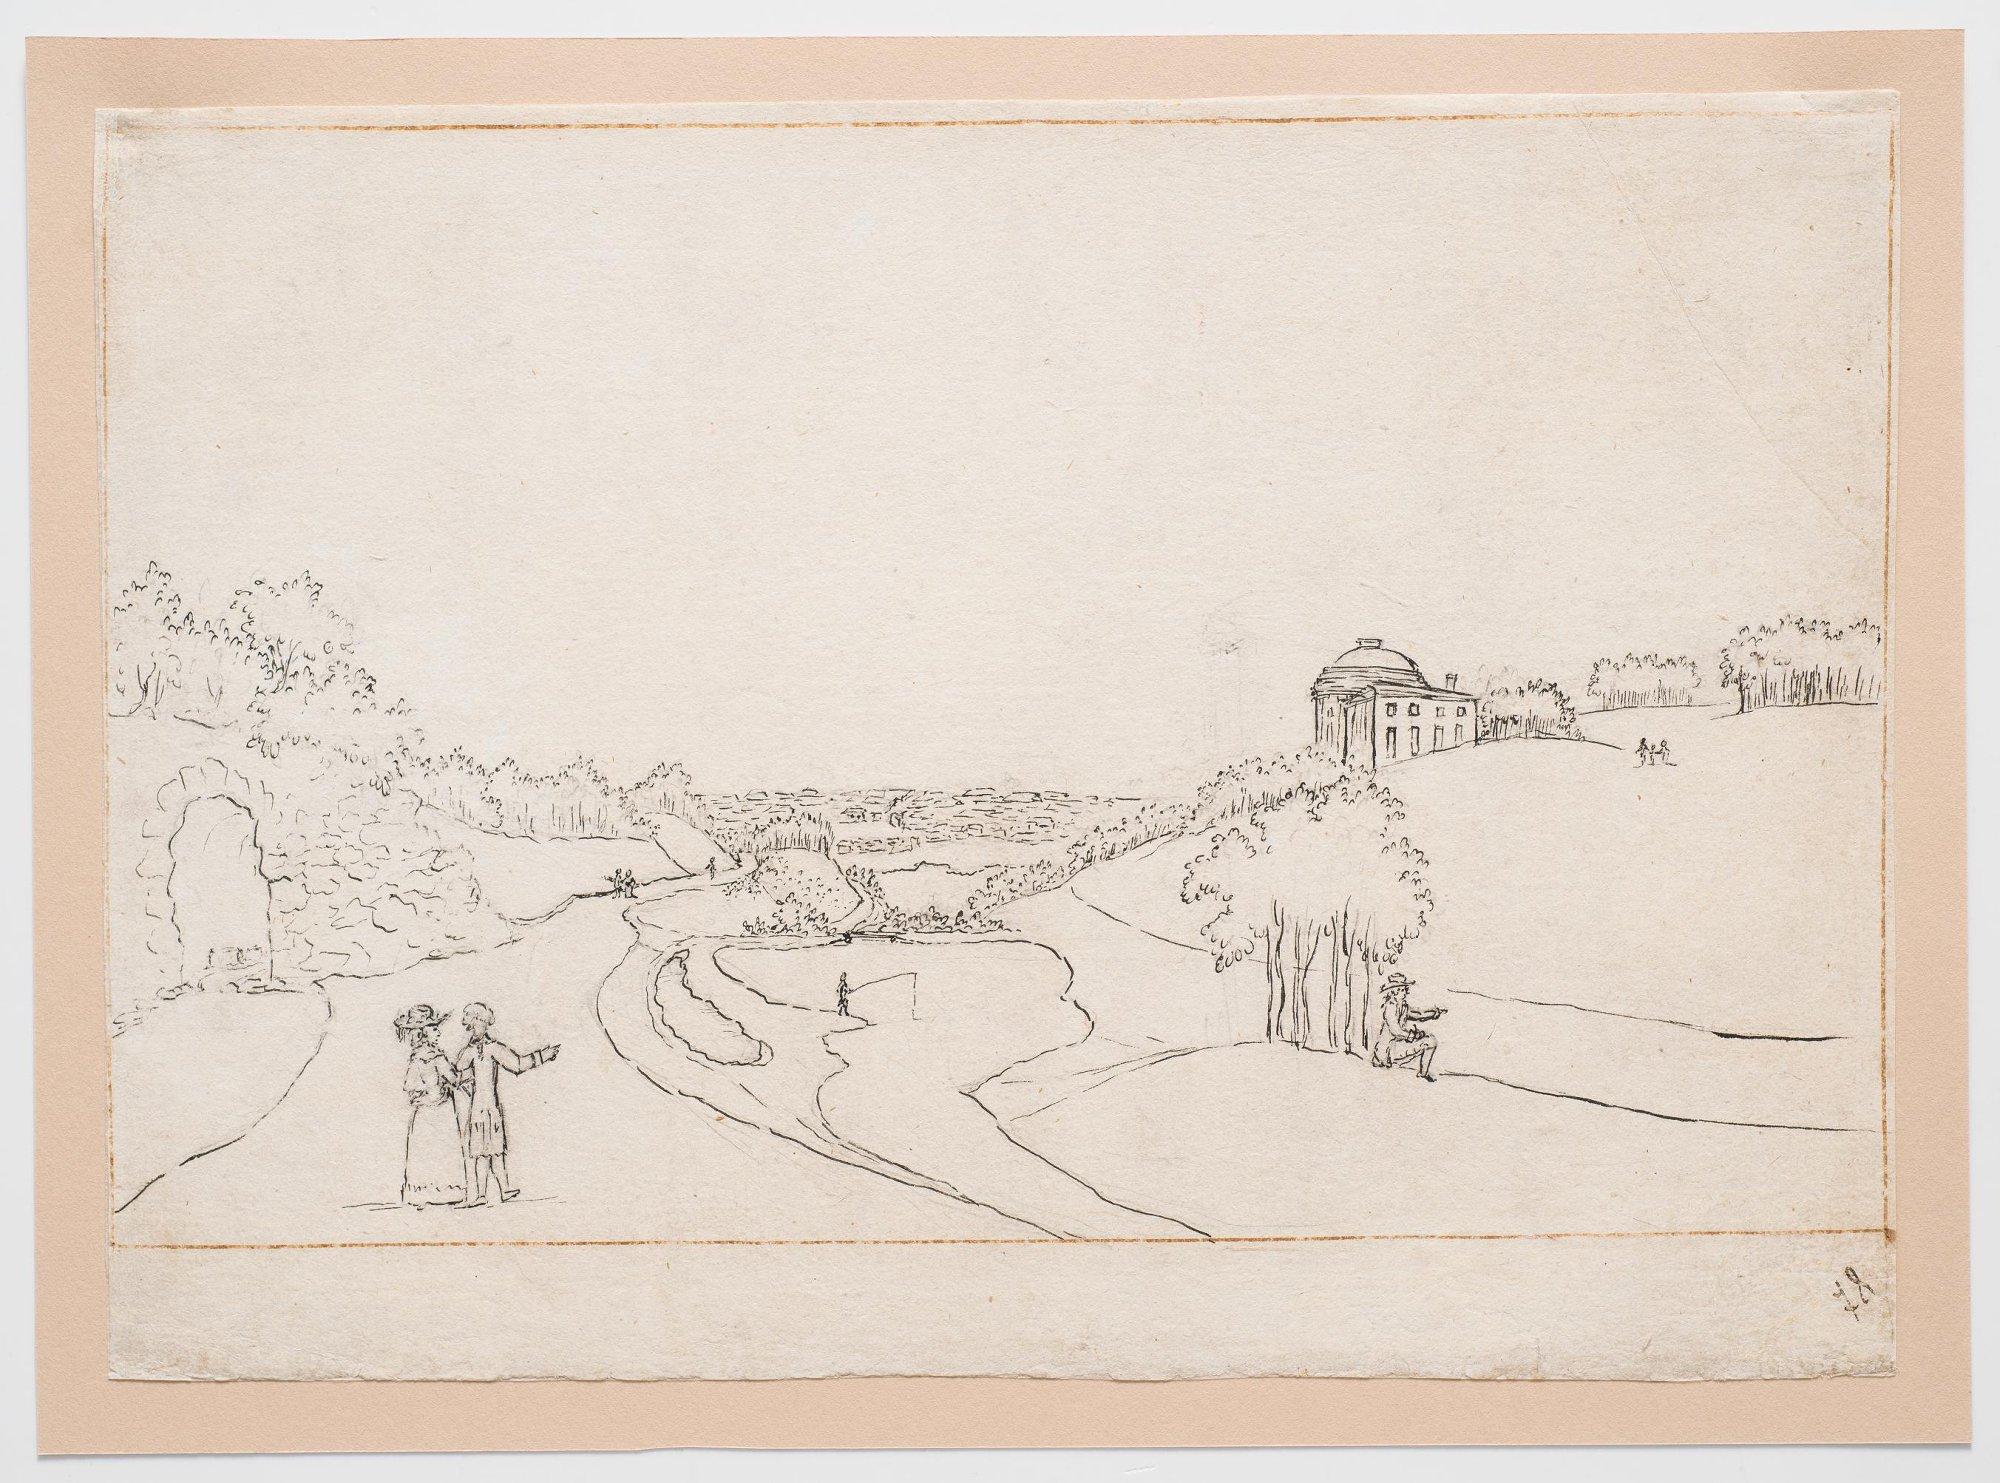 Вид Богородицкого парка с гротом и садовым павильоном на дальнем плане